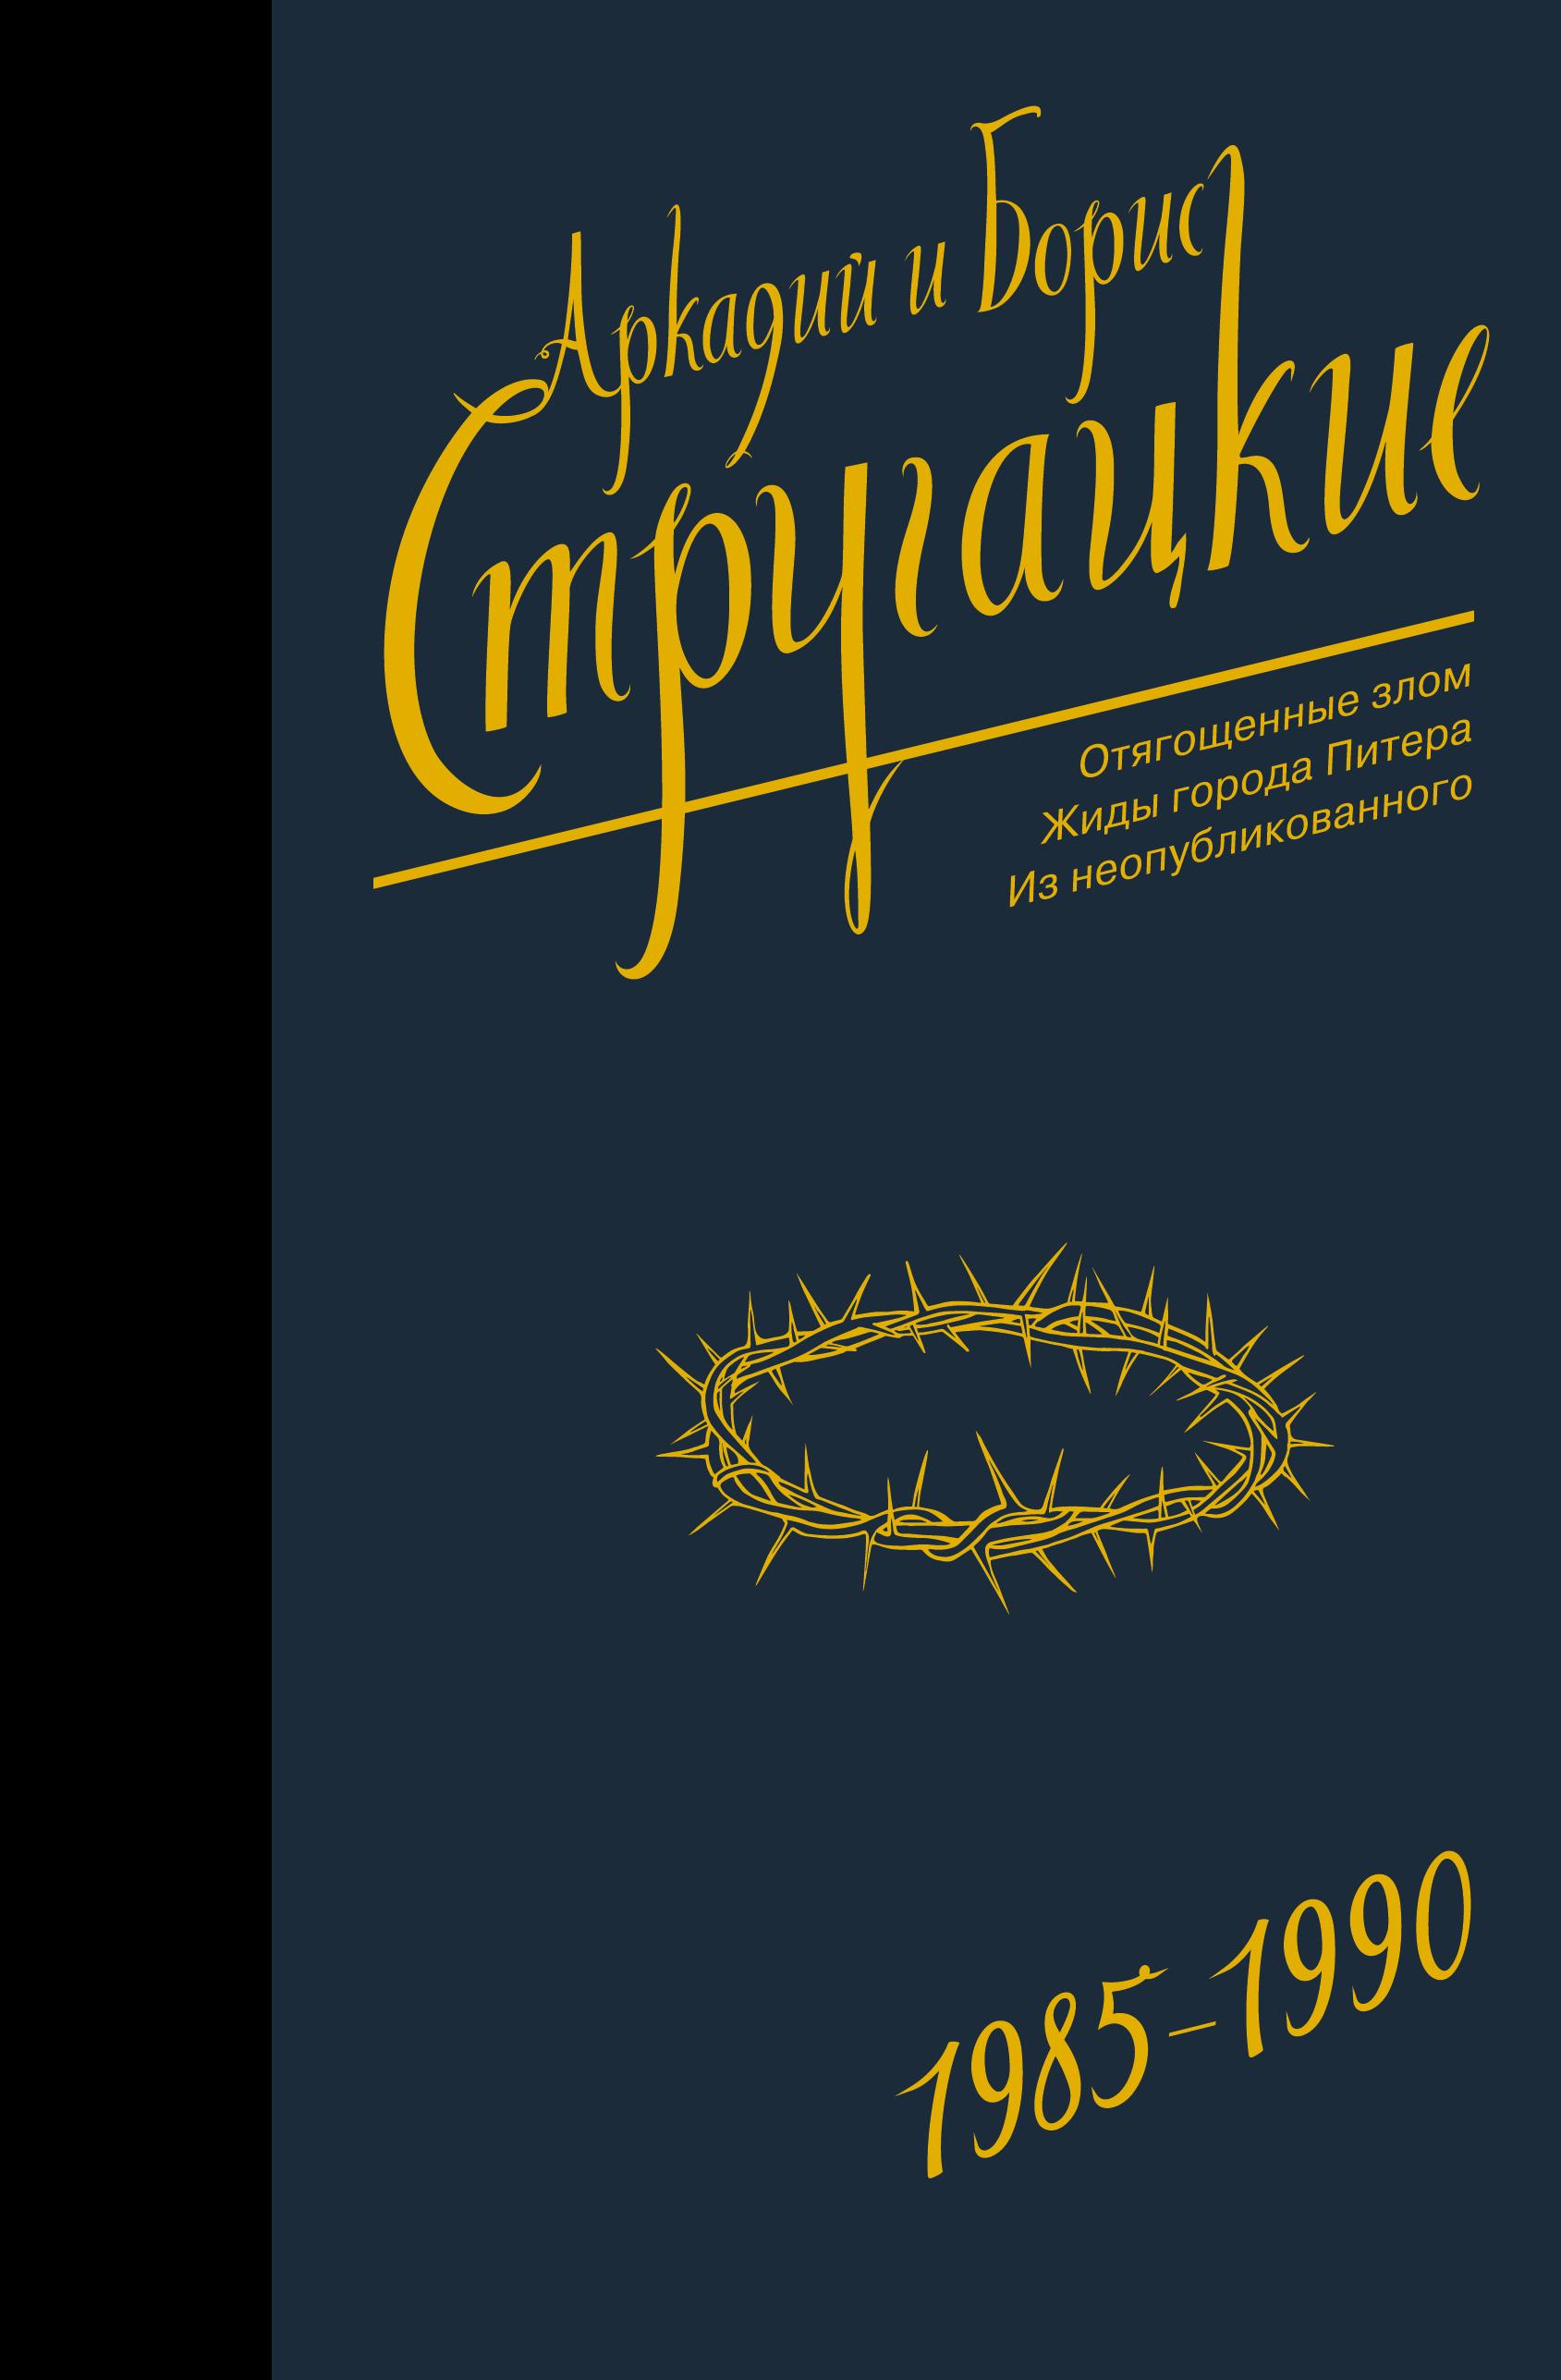 Стругацкий Аркадий Натанович, Стругацкий Борис Натанович Собрание сочинений 1985-1990